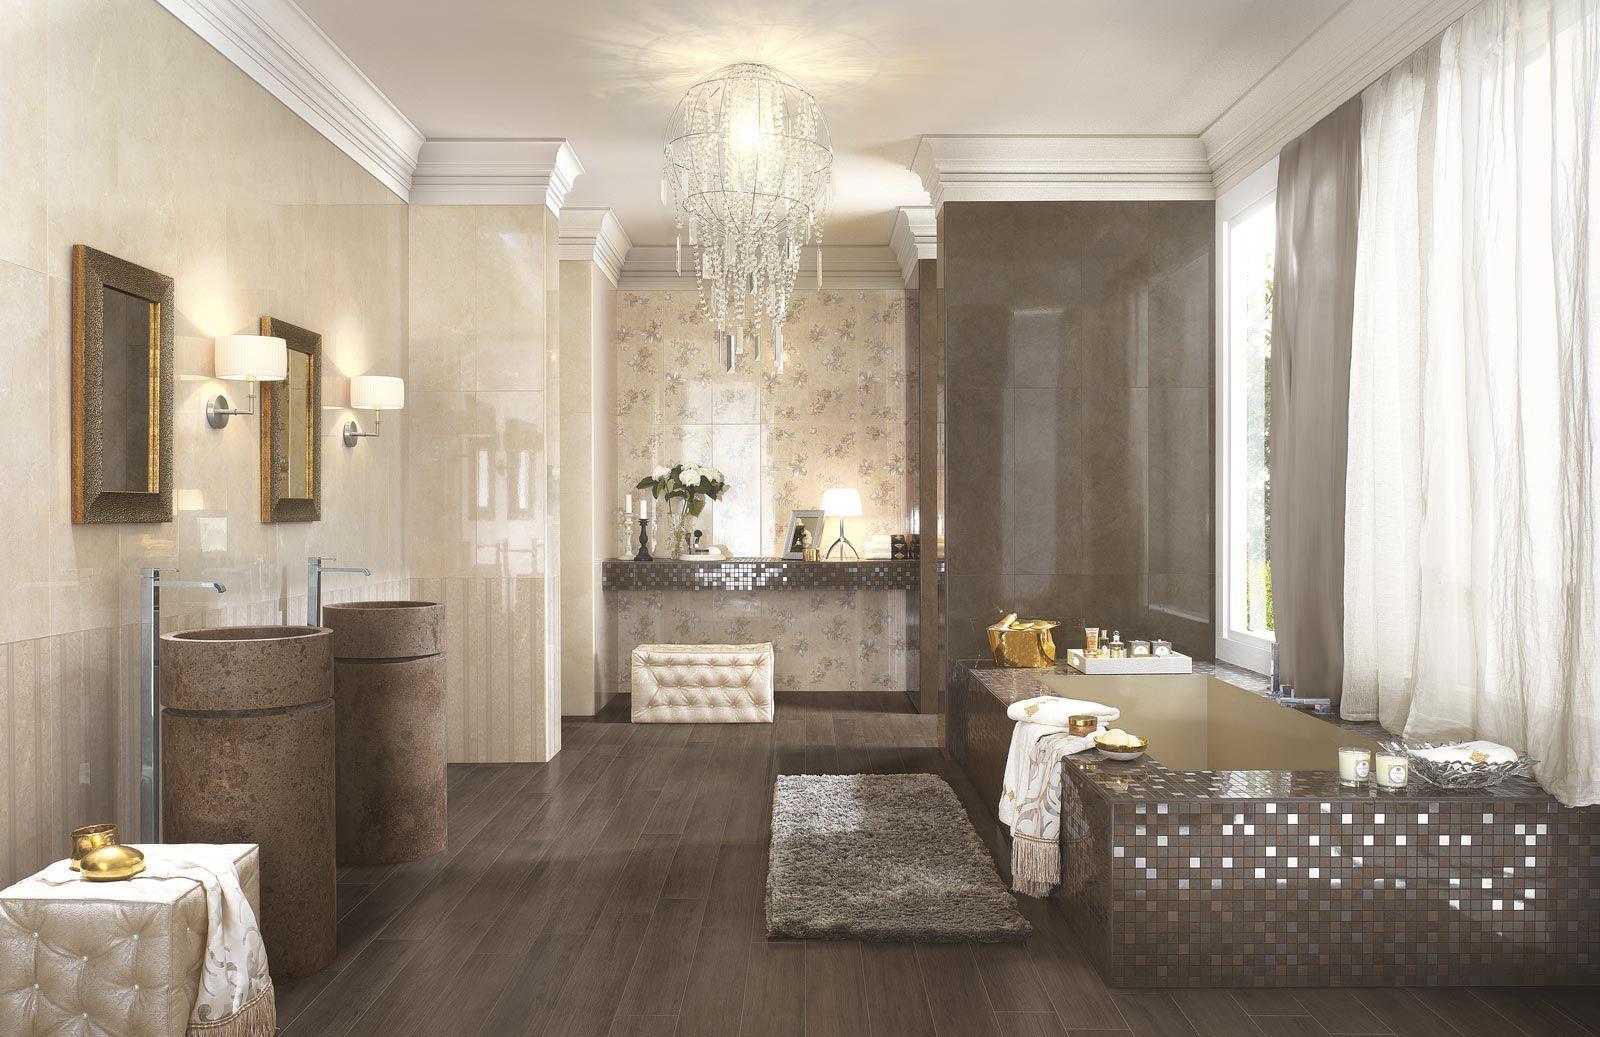 Idee per piastrelle bagno top marmo bagno idee with idee per